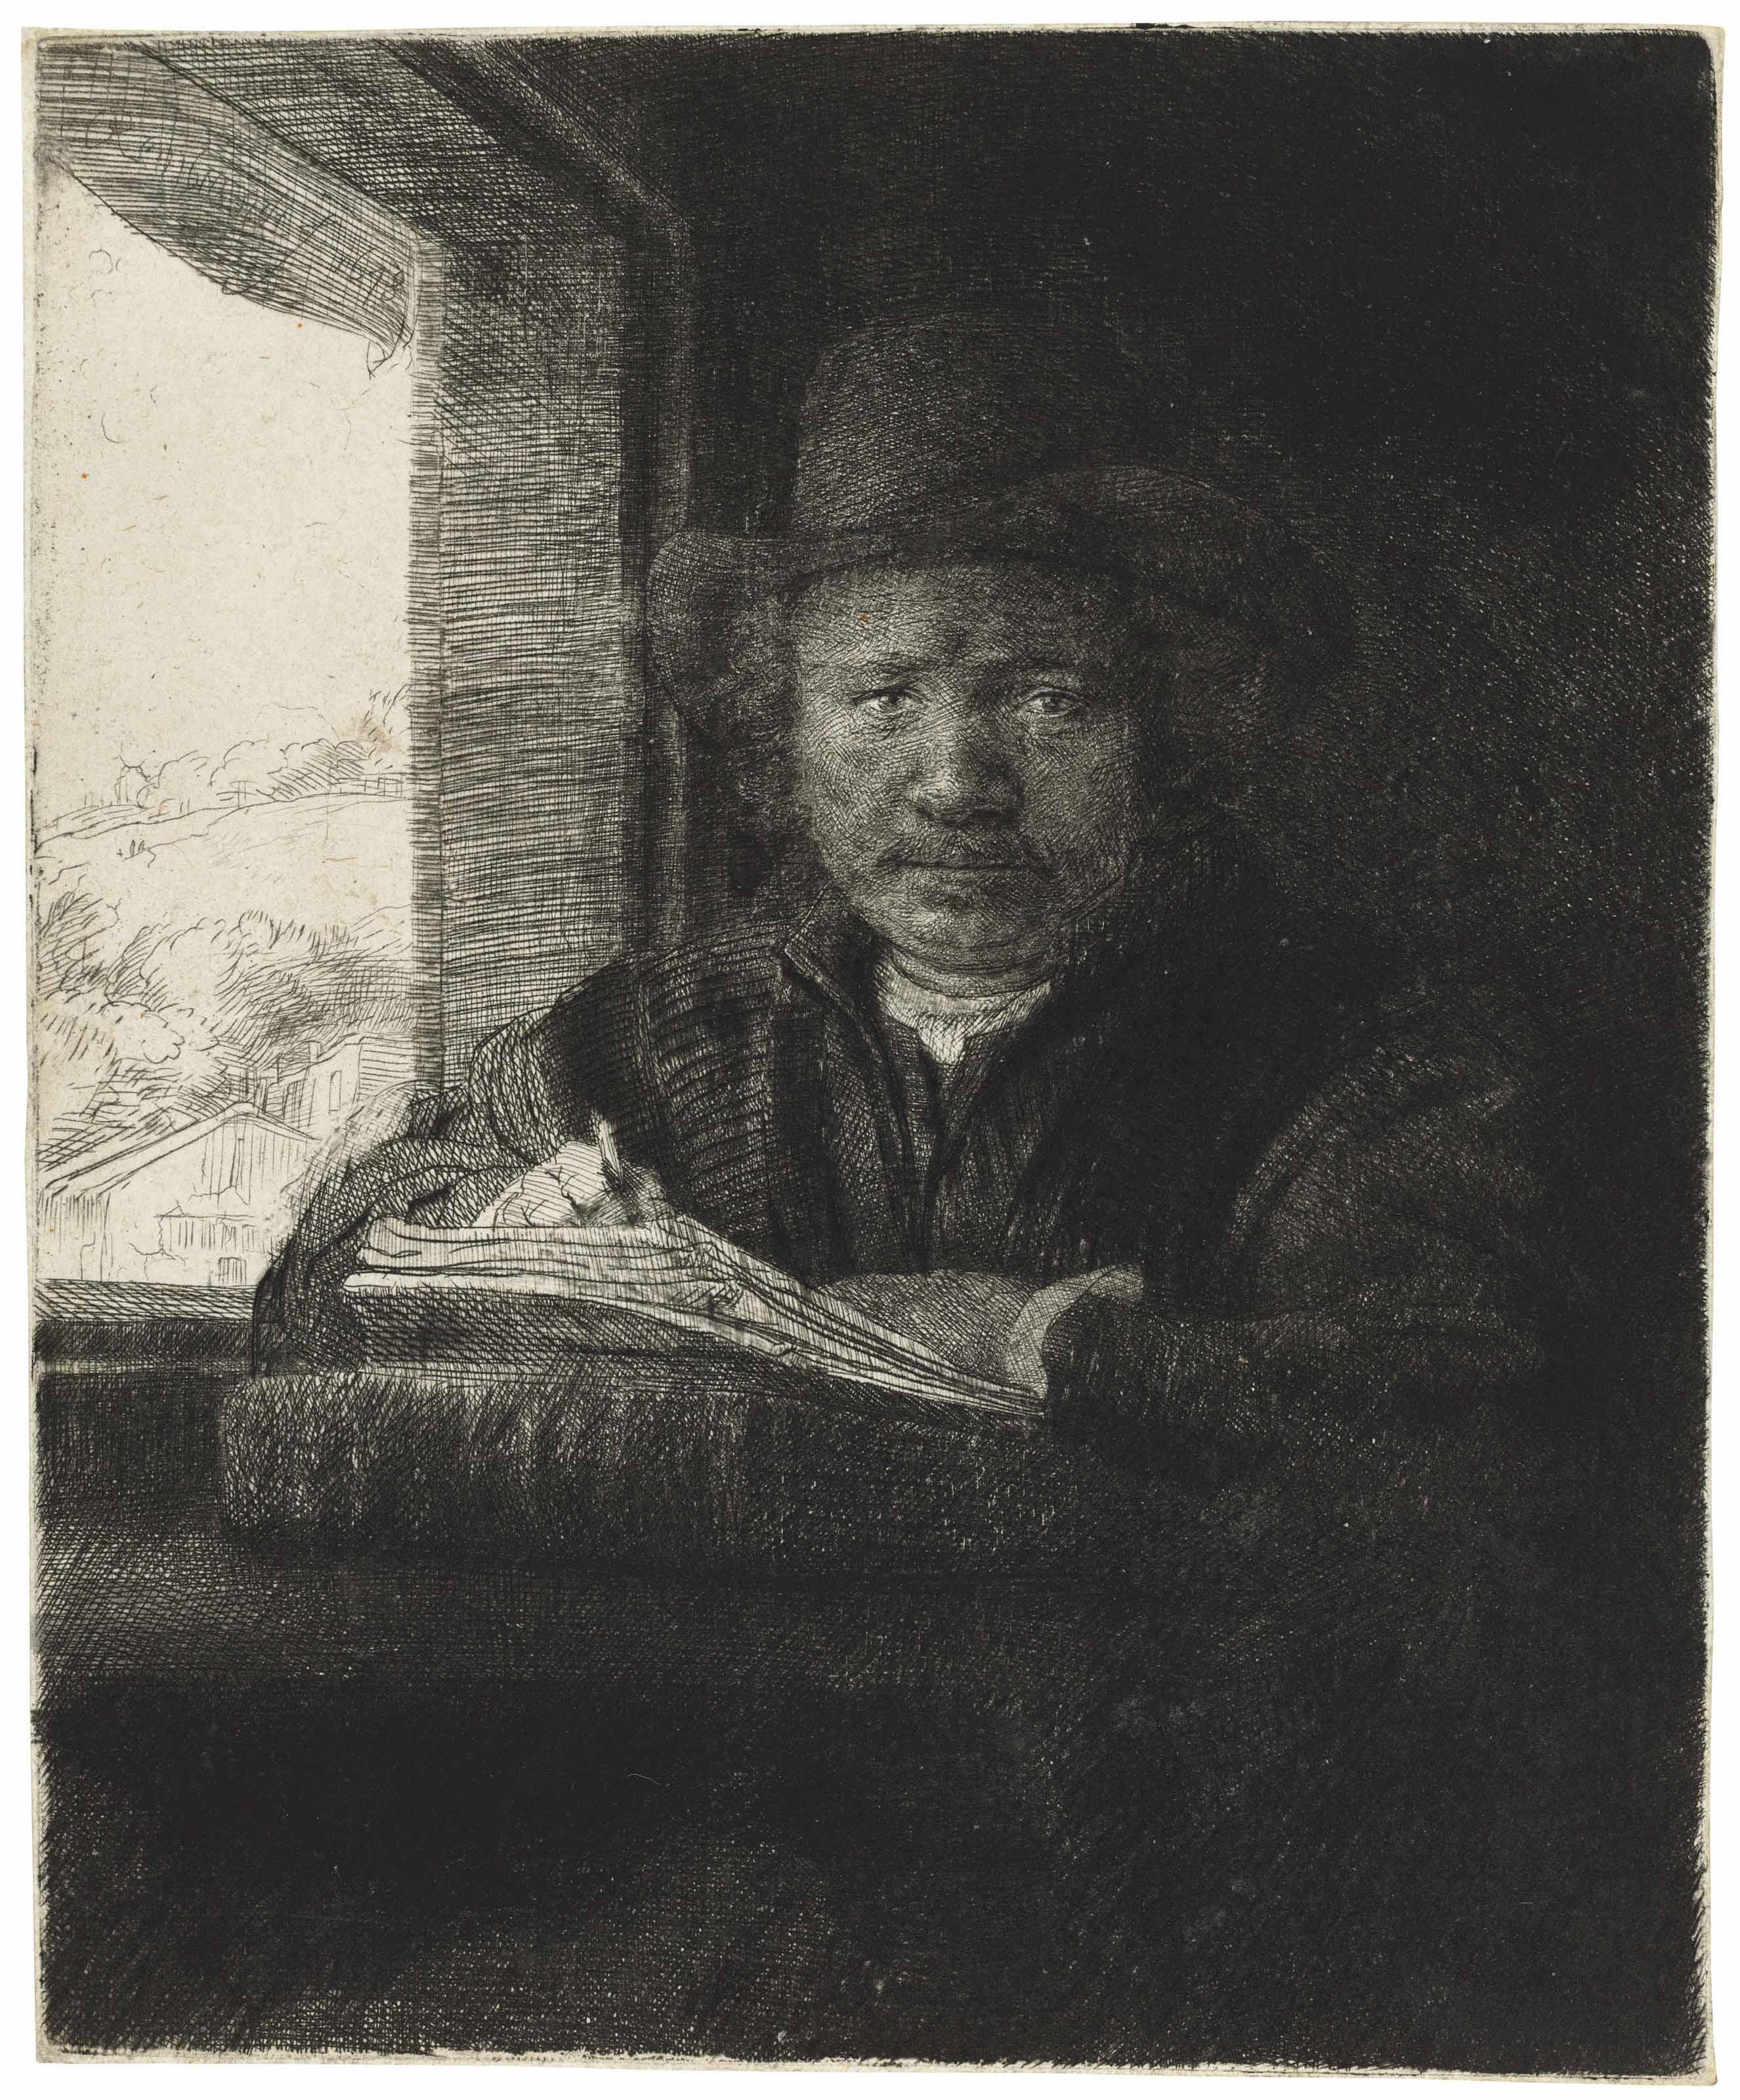 REMBRANDT HARMENSZ. VAN RIJN (1606-1669) , Self-Portrait ...